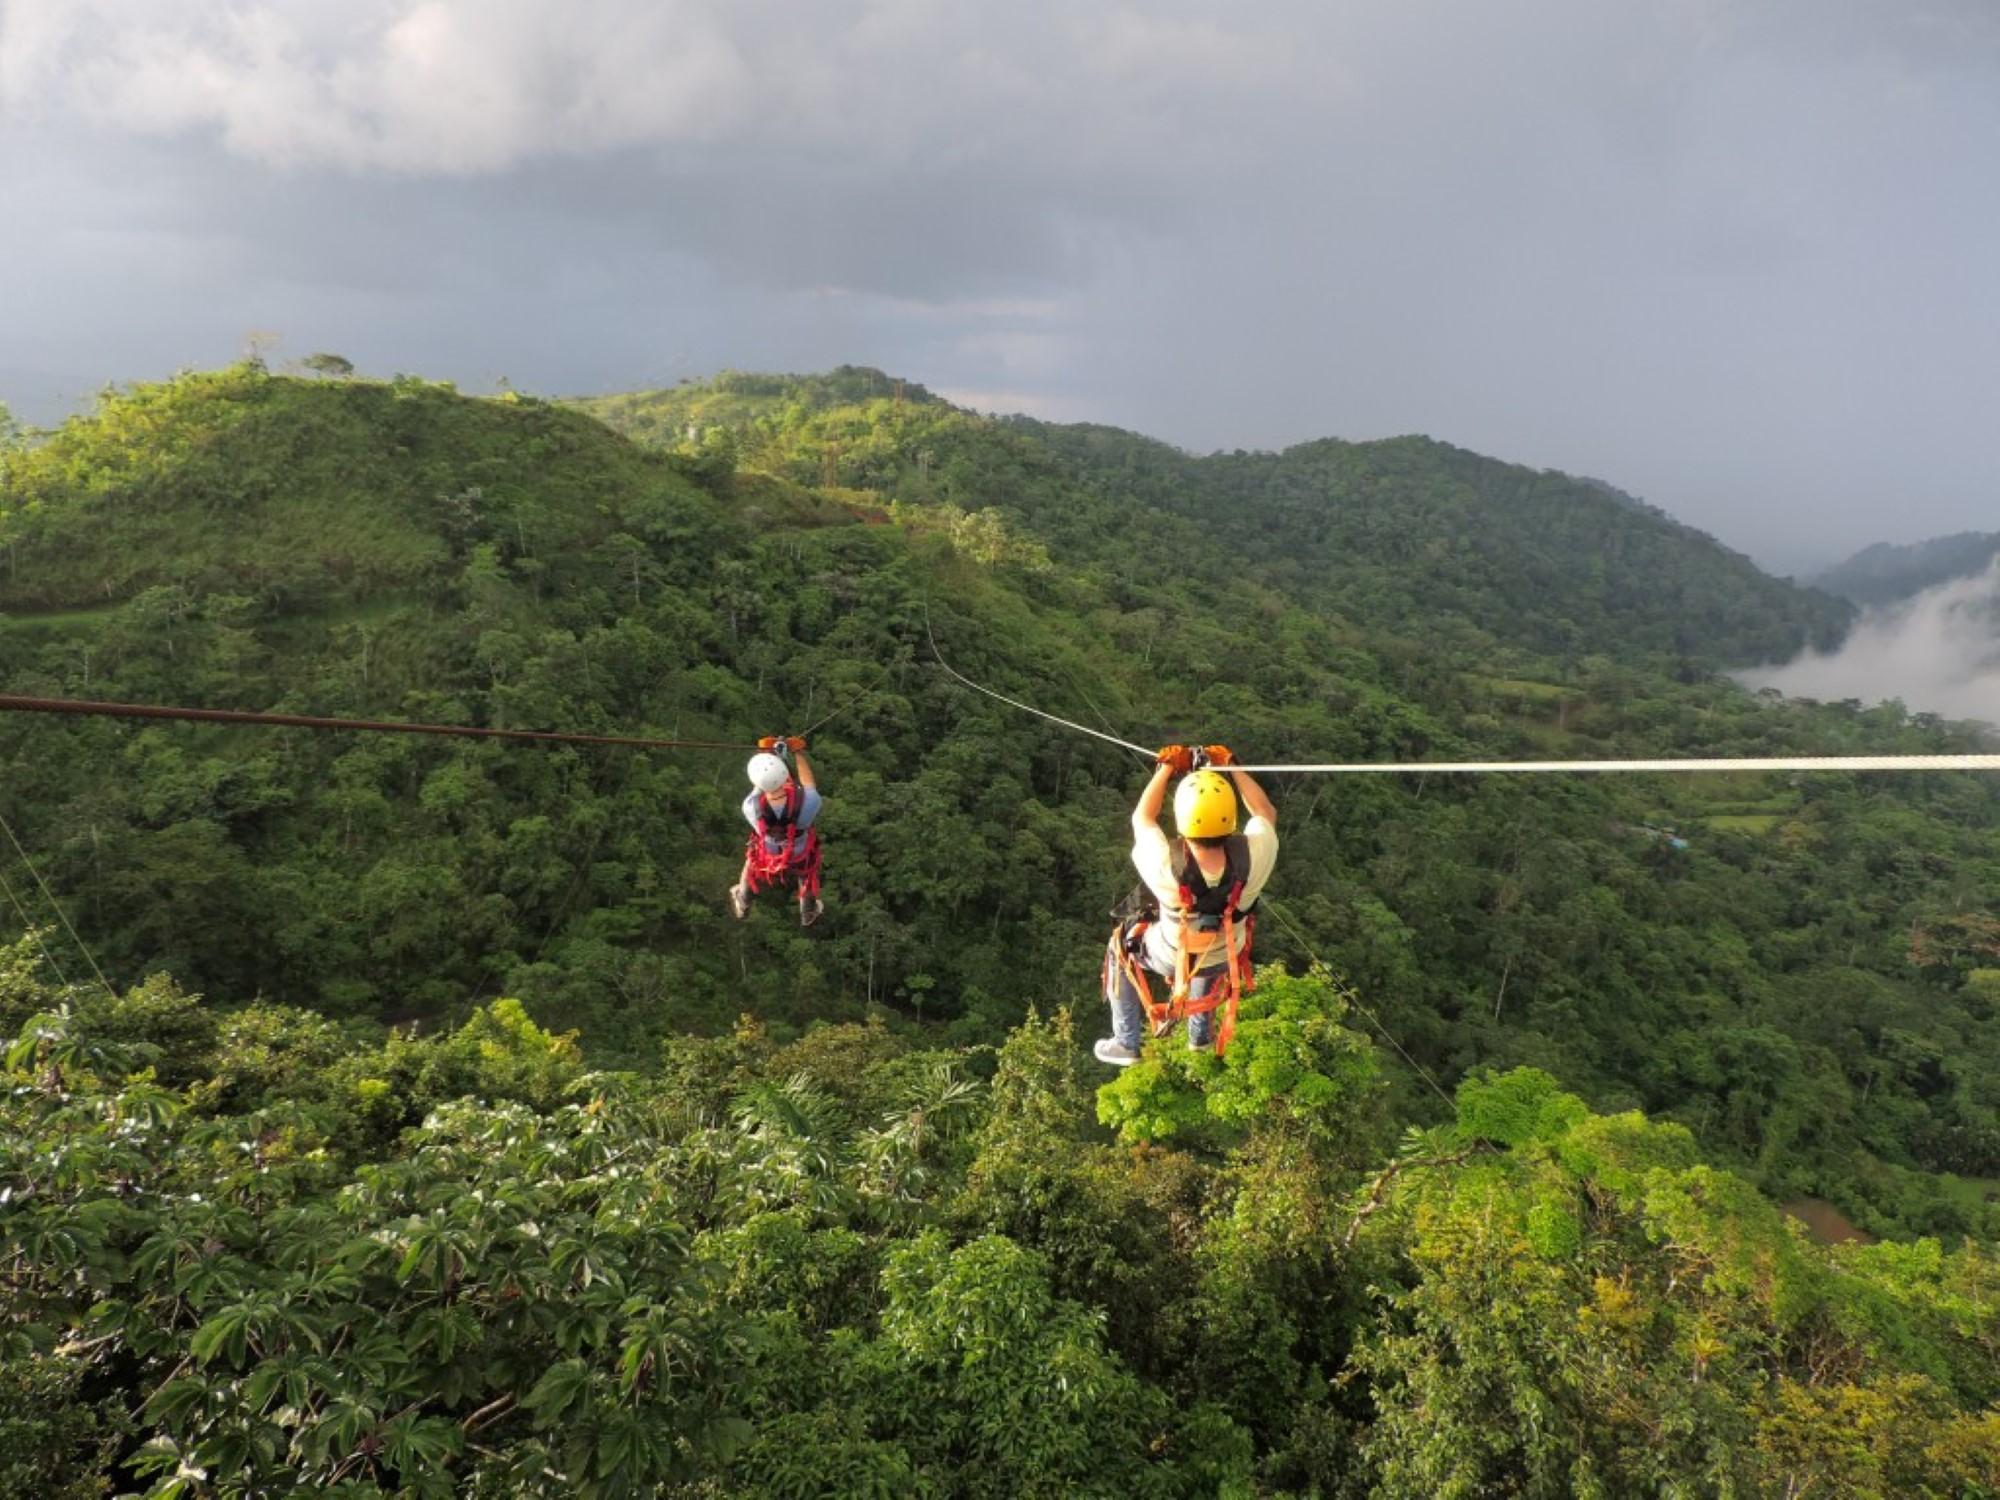 Canopy San Lorenzo & Guía de lugares para hacer Canopy | Conozca su Cantón